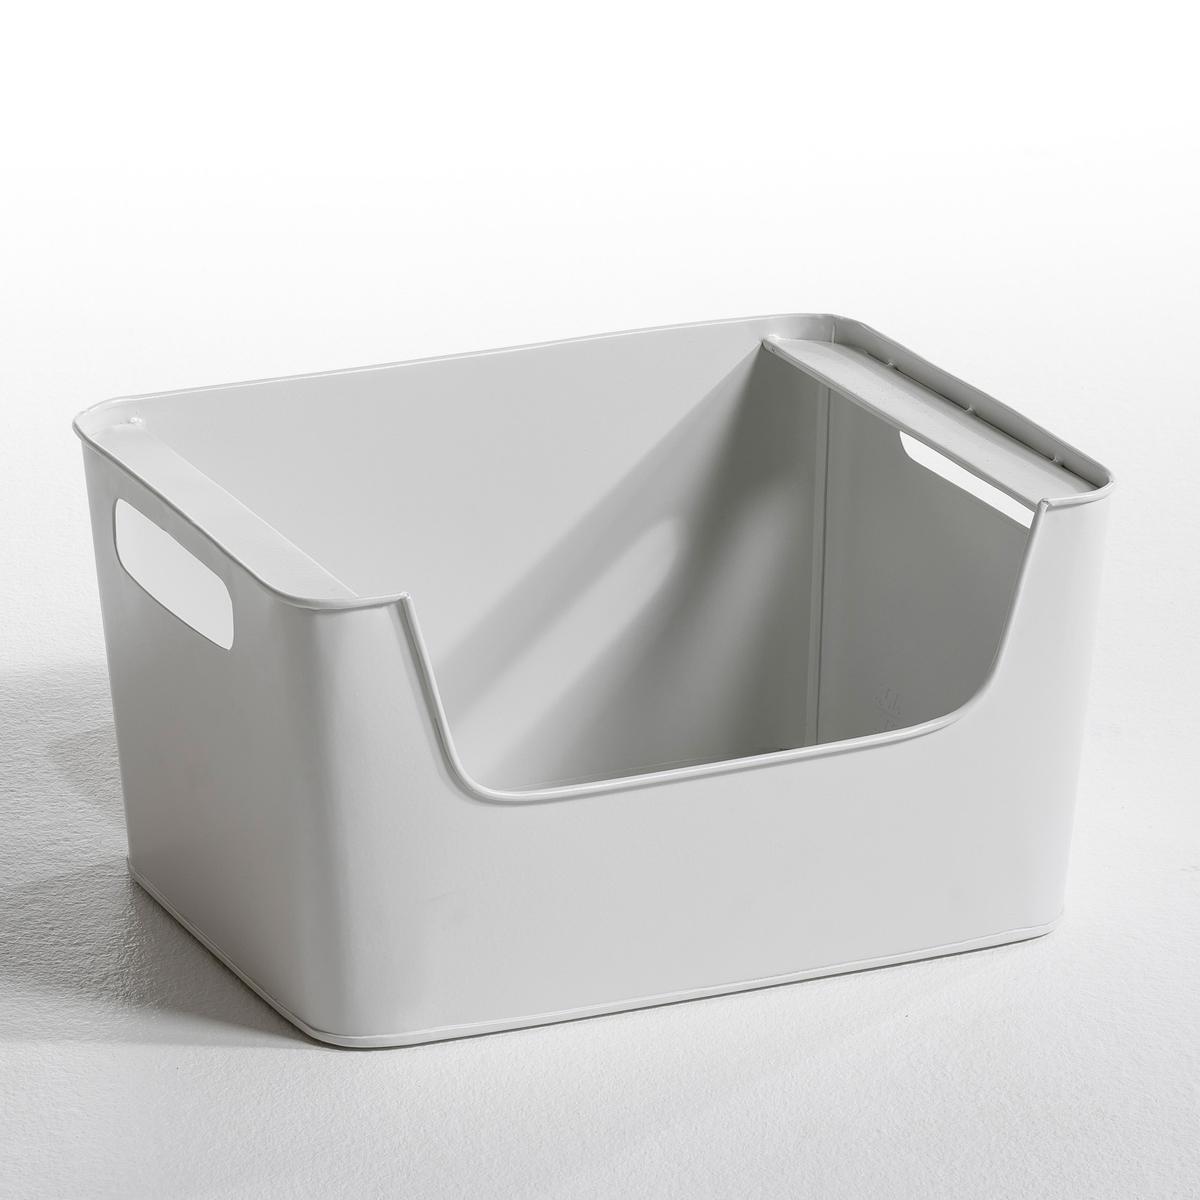 Ящик LaRedoute Из металла Д37 x В20 см Arreglo единый размер белый